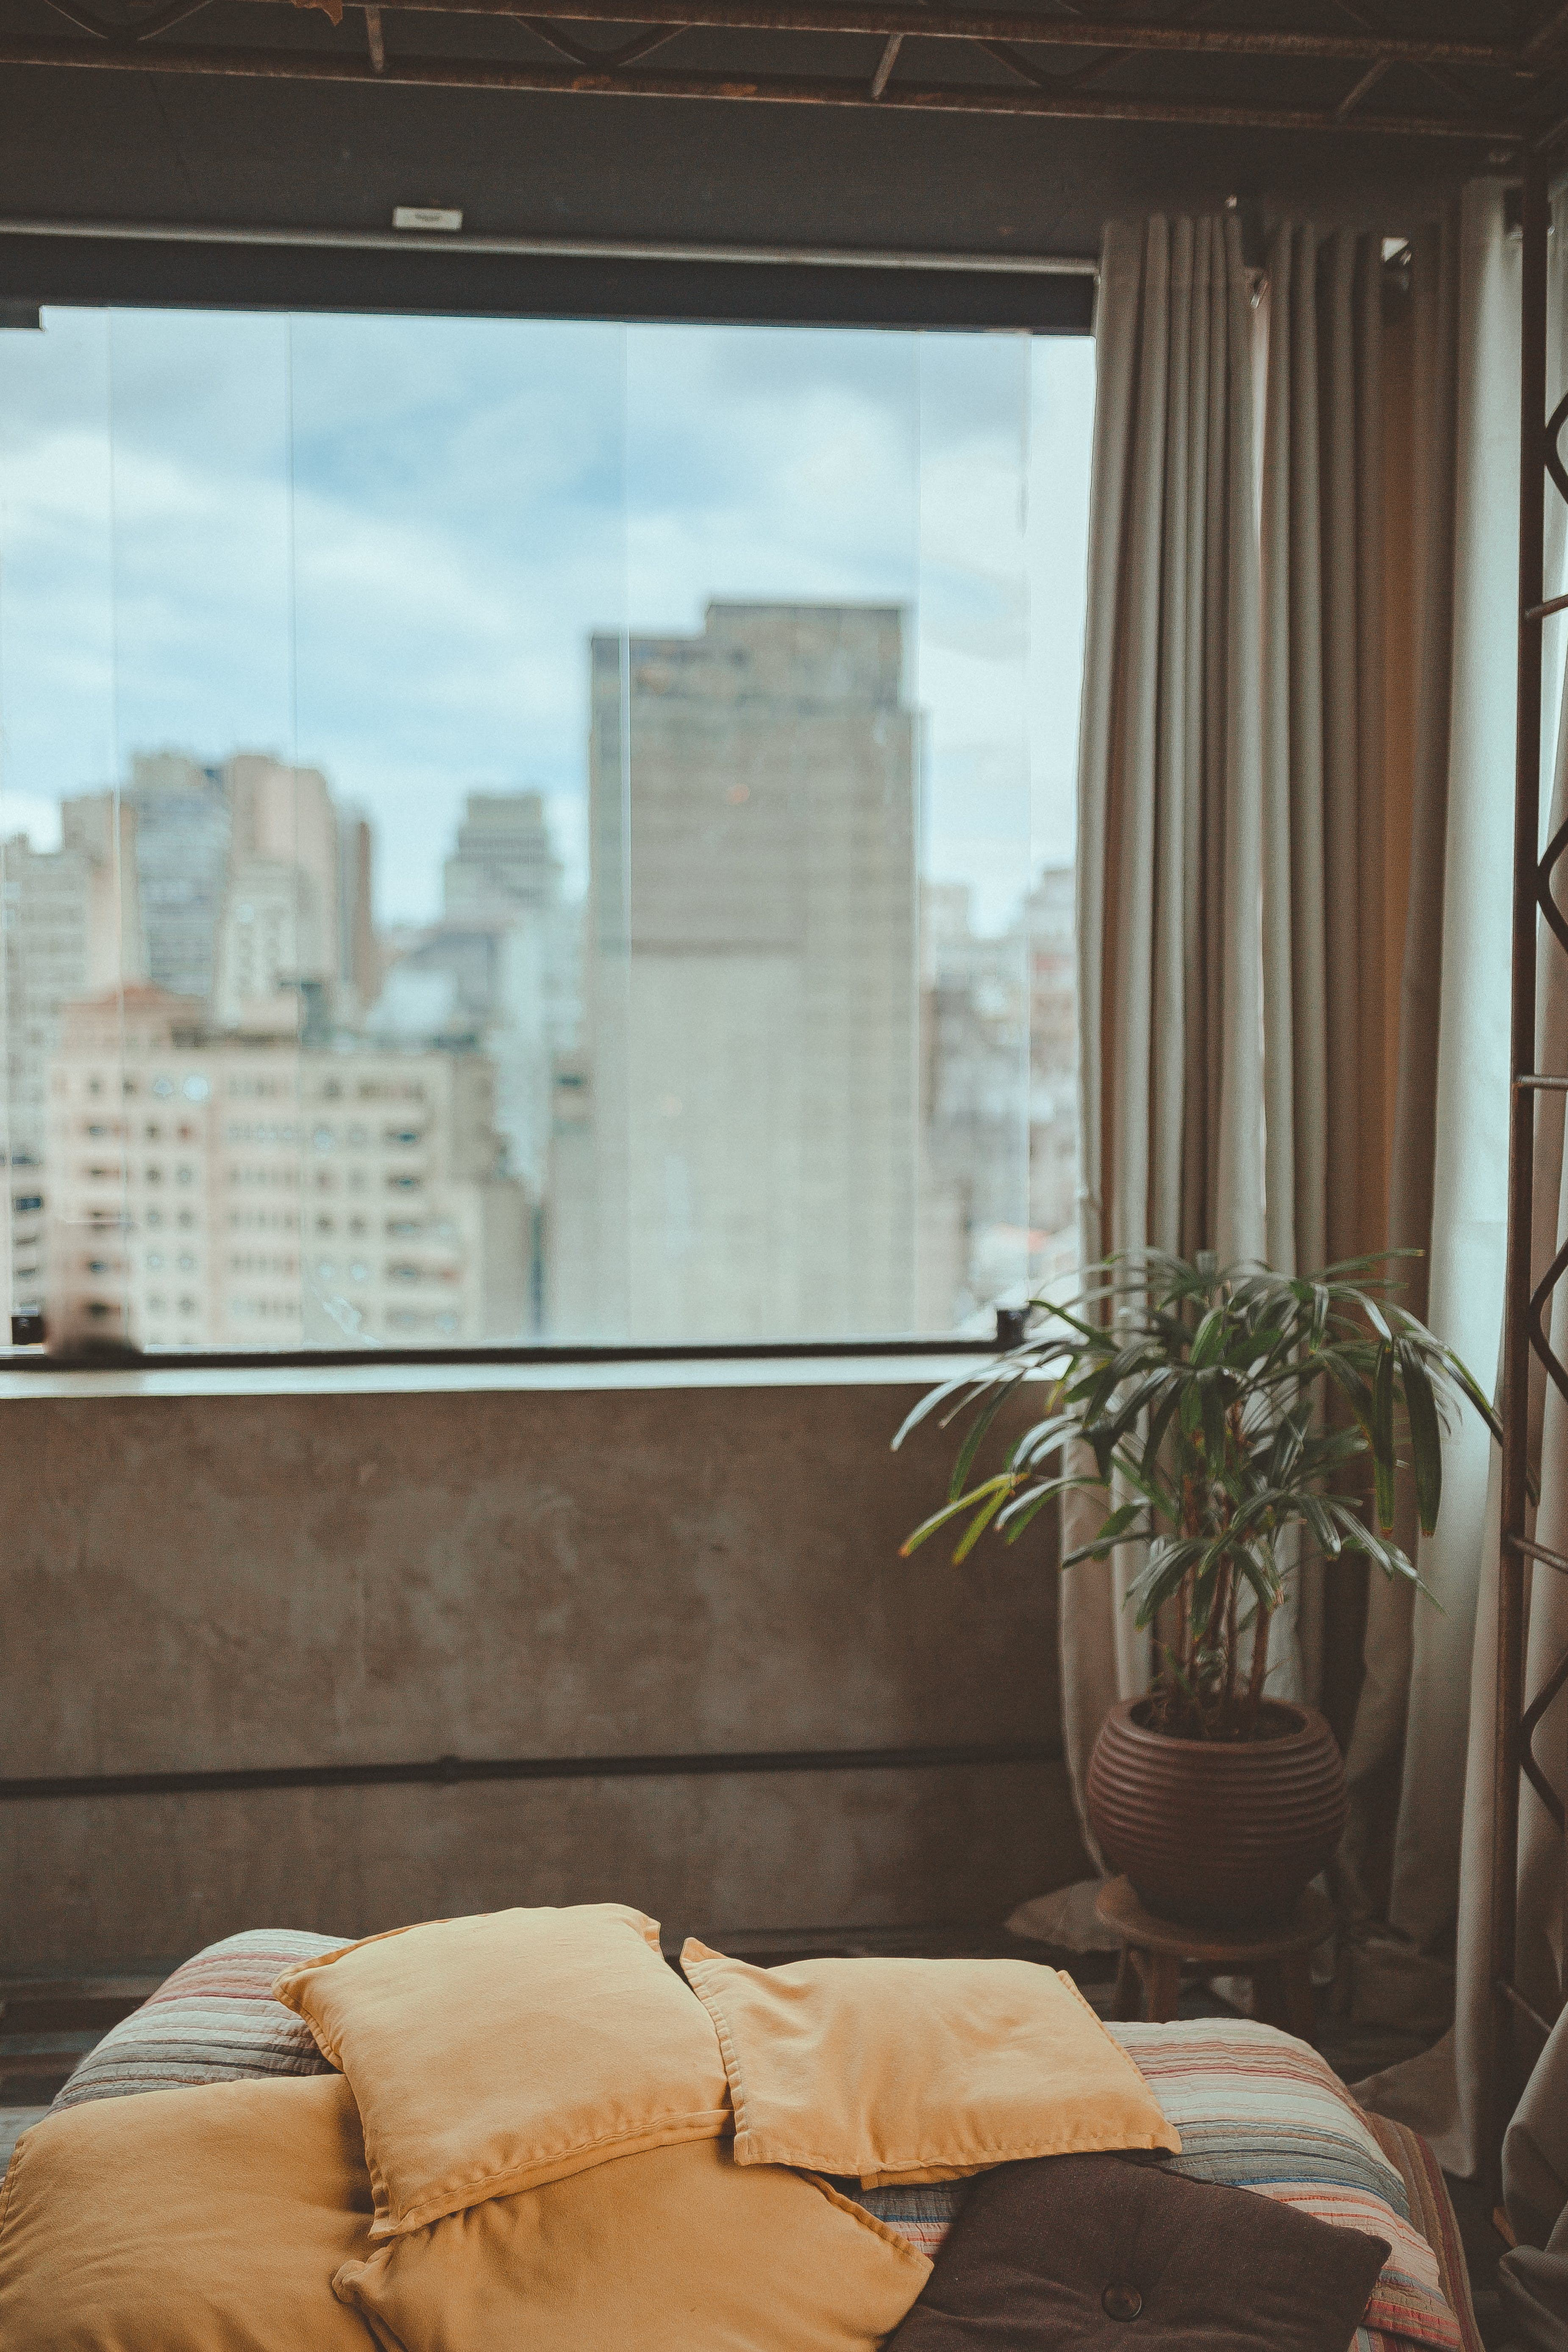 Бесплатное стоковое фото с архитектура, гостиница, дневной свет, дом